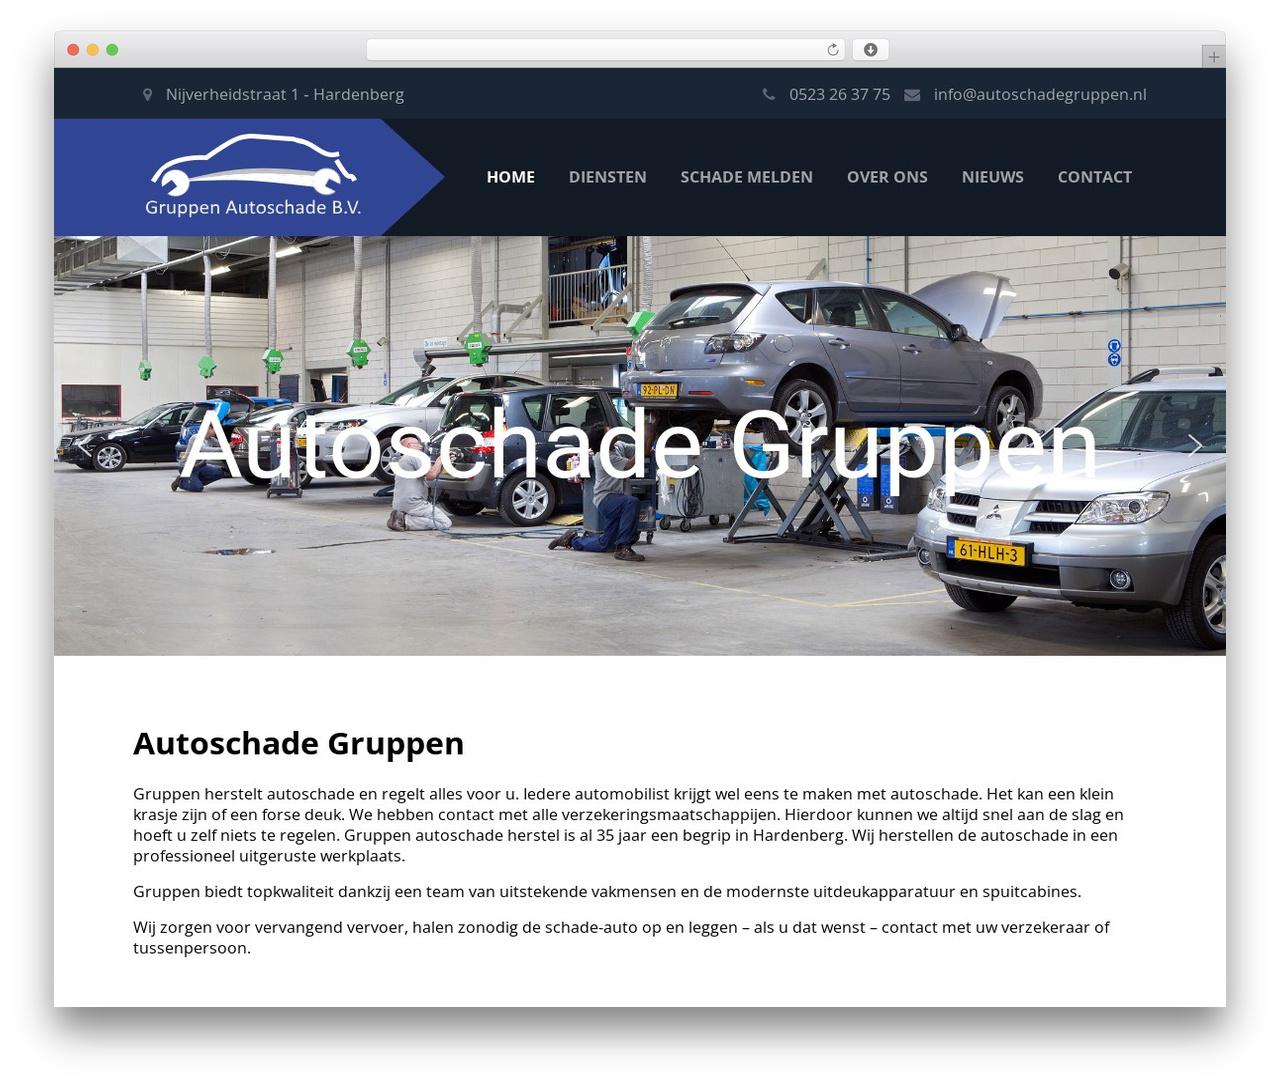 WordPress template Autoschade Gruppen - autoschadegruppen.nl